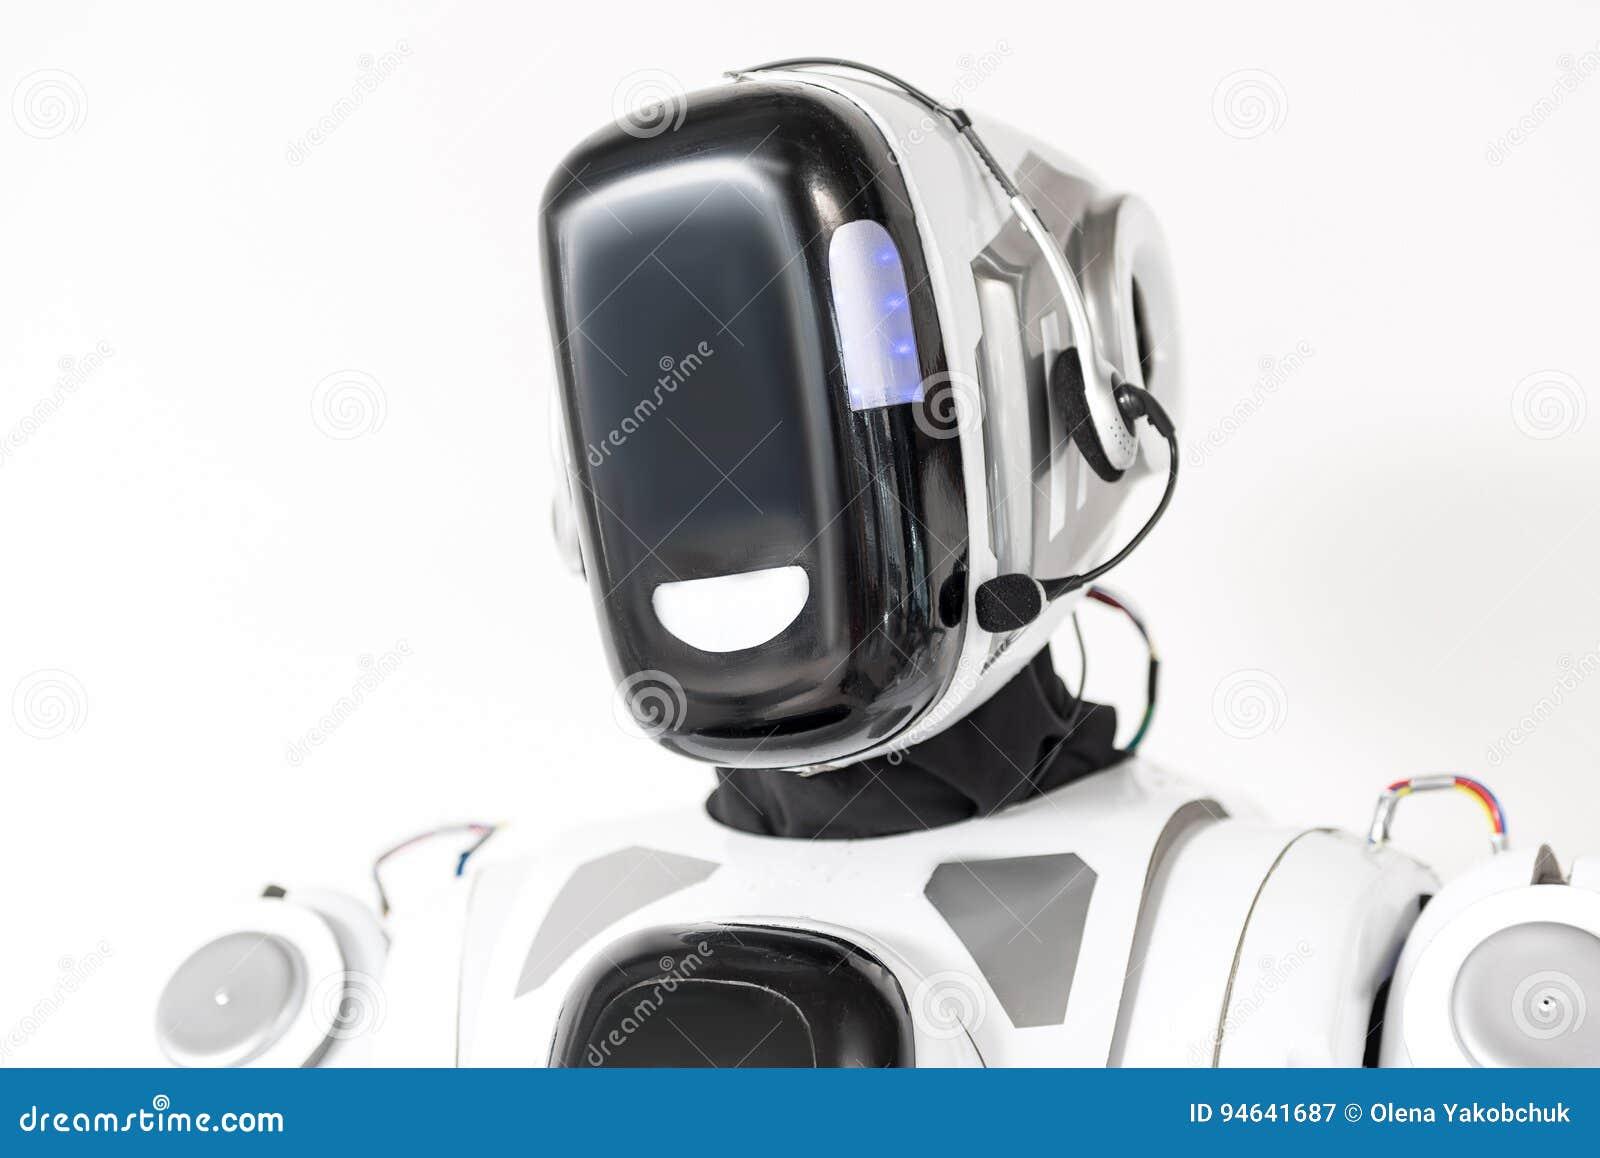 Den stora roboten bär hörlurar med mikrofon